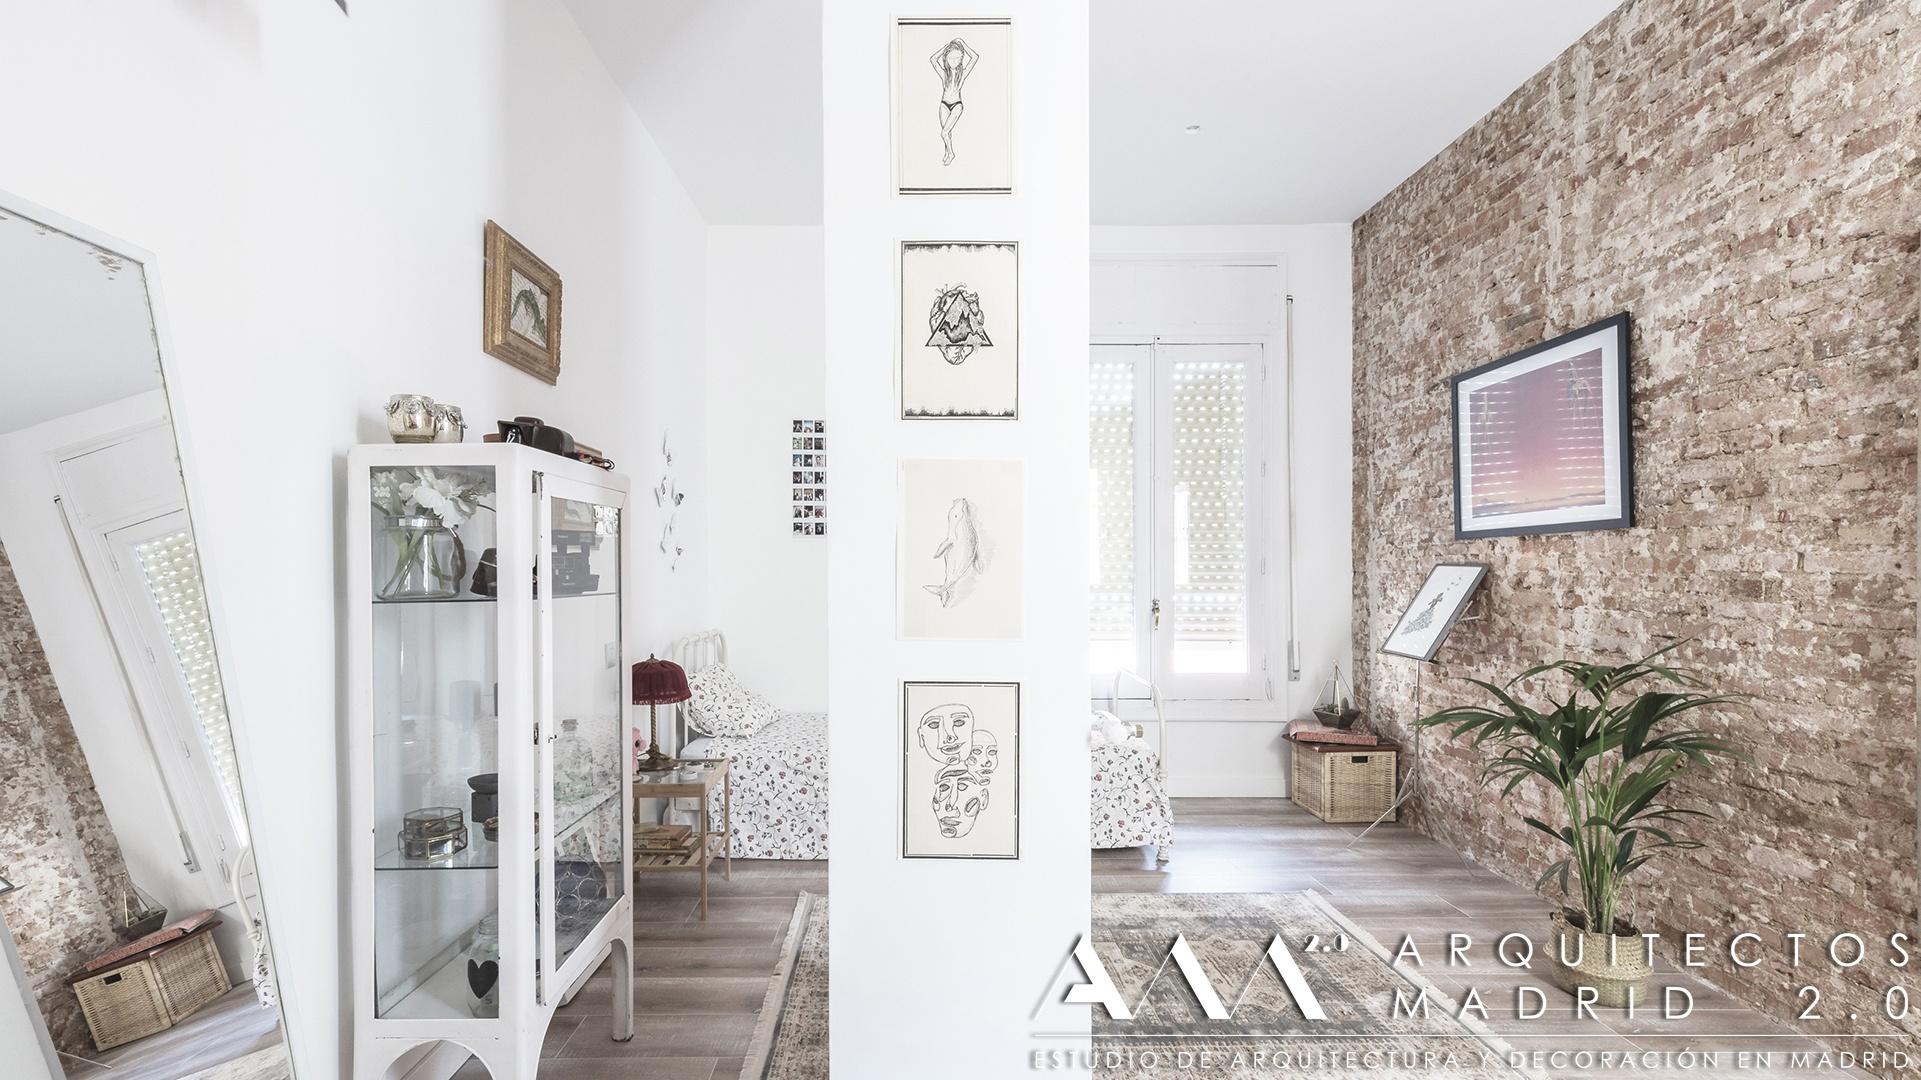 consejos-ideas-reformas-integrales-reformar-casa-salon-cocina-dormitorio-reforma-hogar-interior-decoracion-17